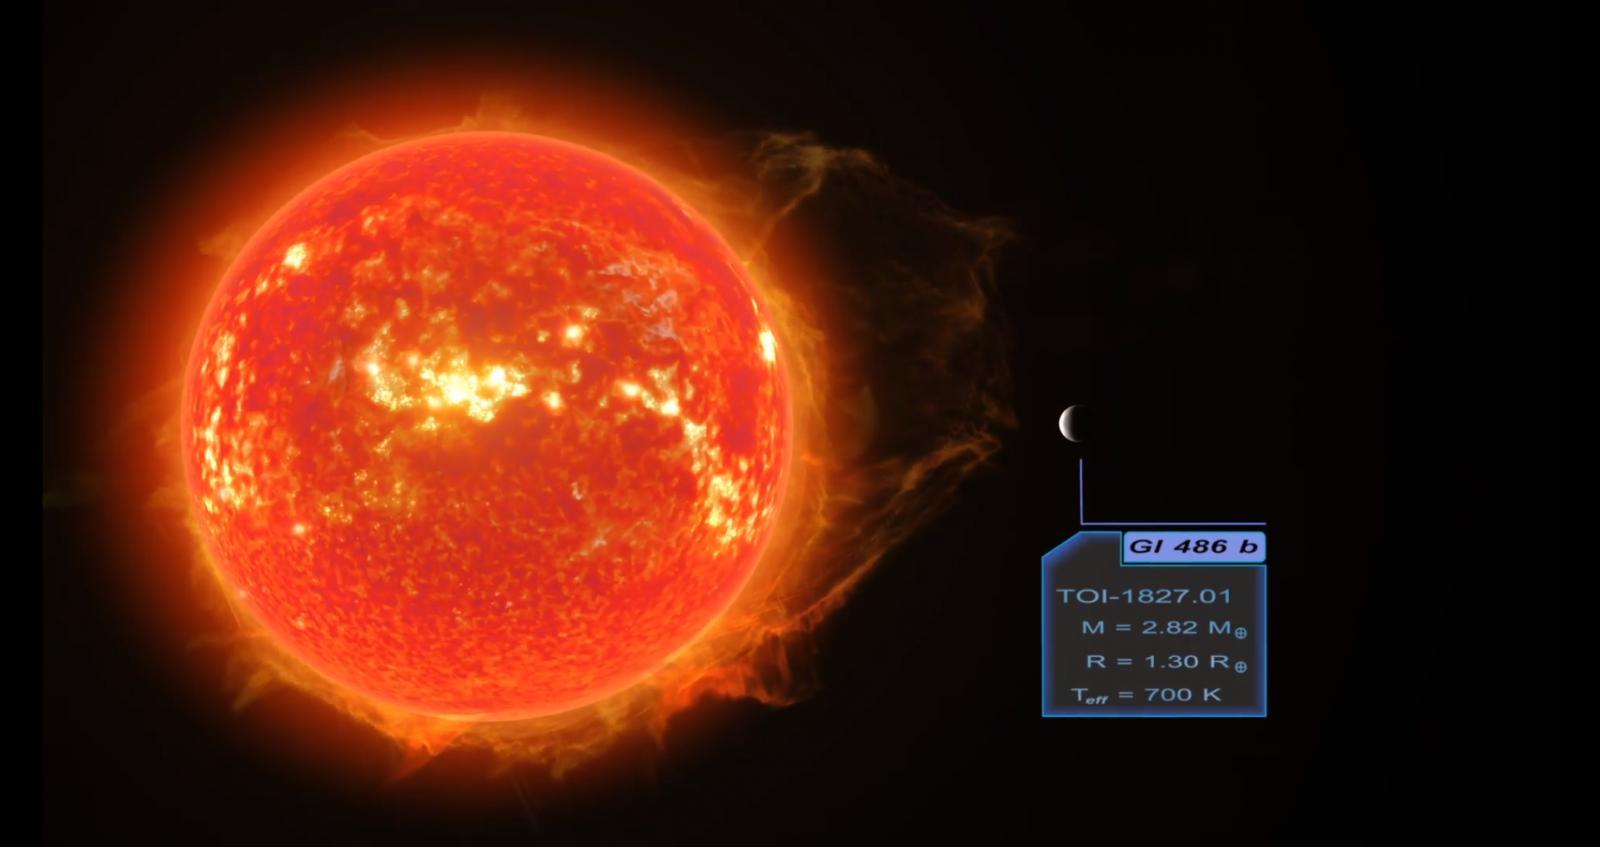 นักวิทย์ ค้นพบดาวเคราะห์ดวงใหม่ เพิ่มความหวังอาจมีสิ่งมีชีวิตนอกโลก